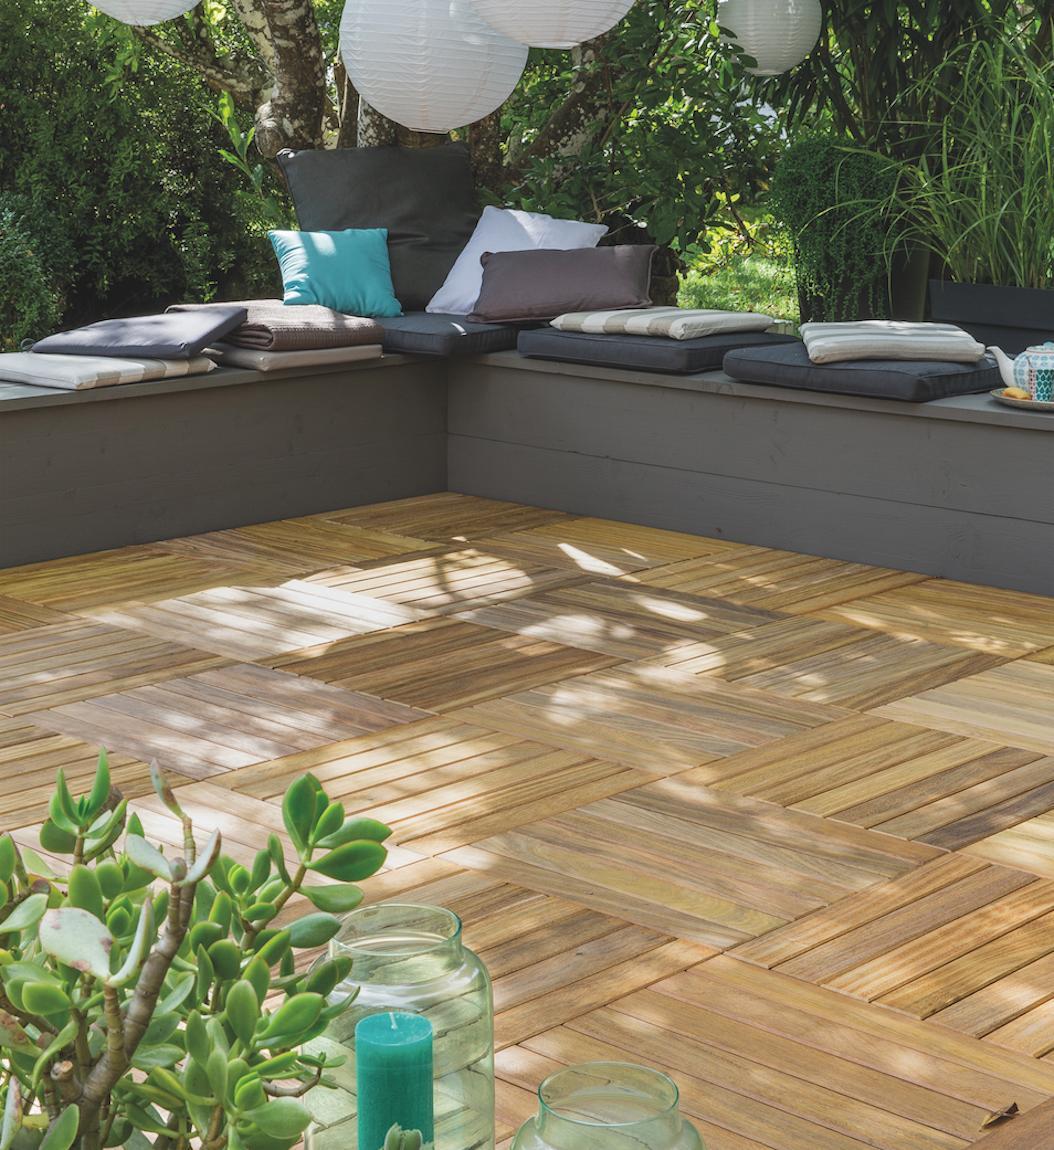 terrasse piscine leroy merlin. Black Bedroom Furniture Sets. Home Design Ideas